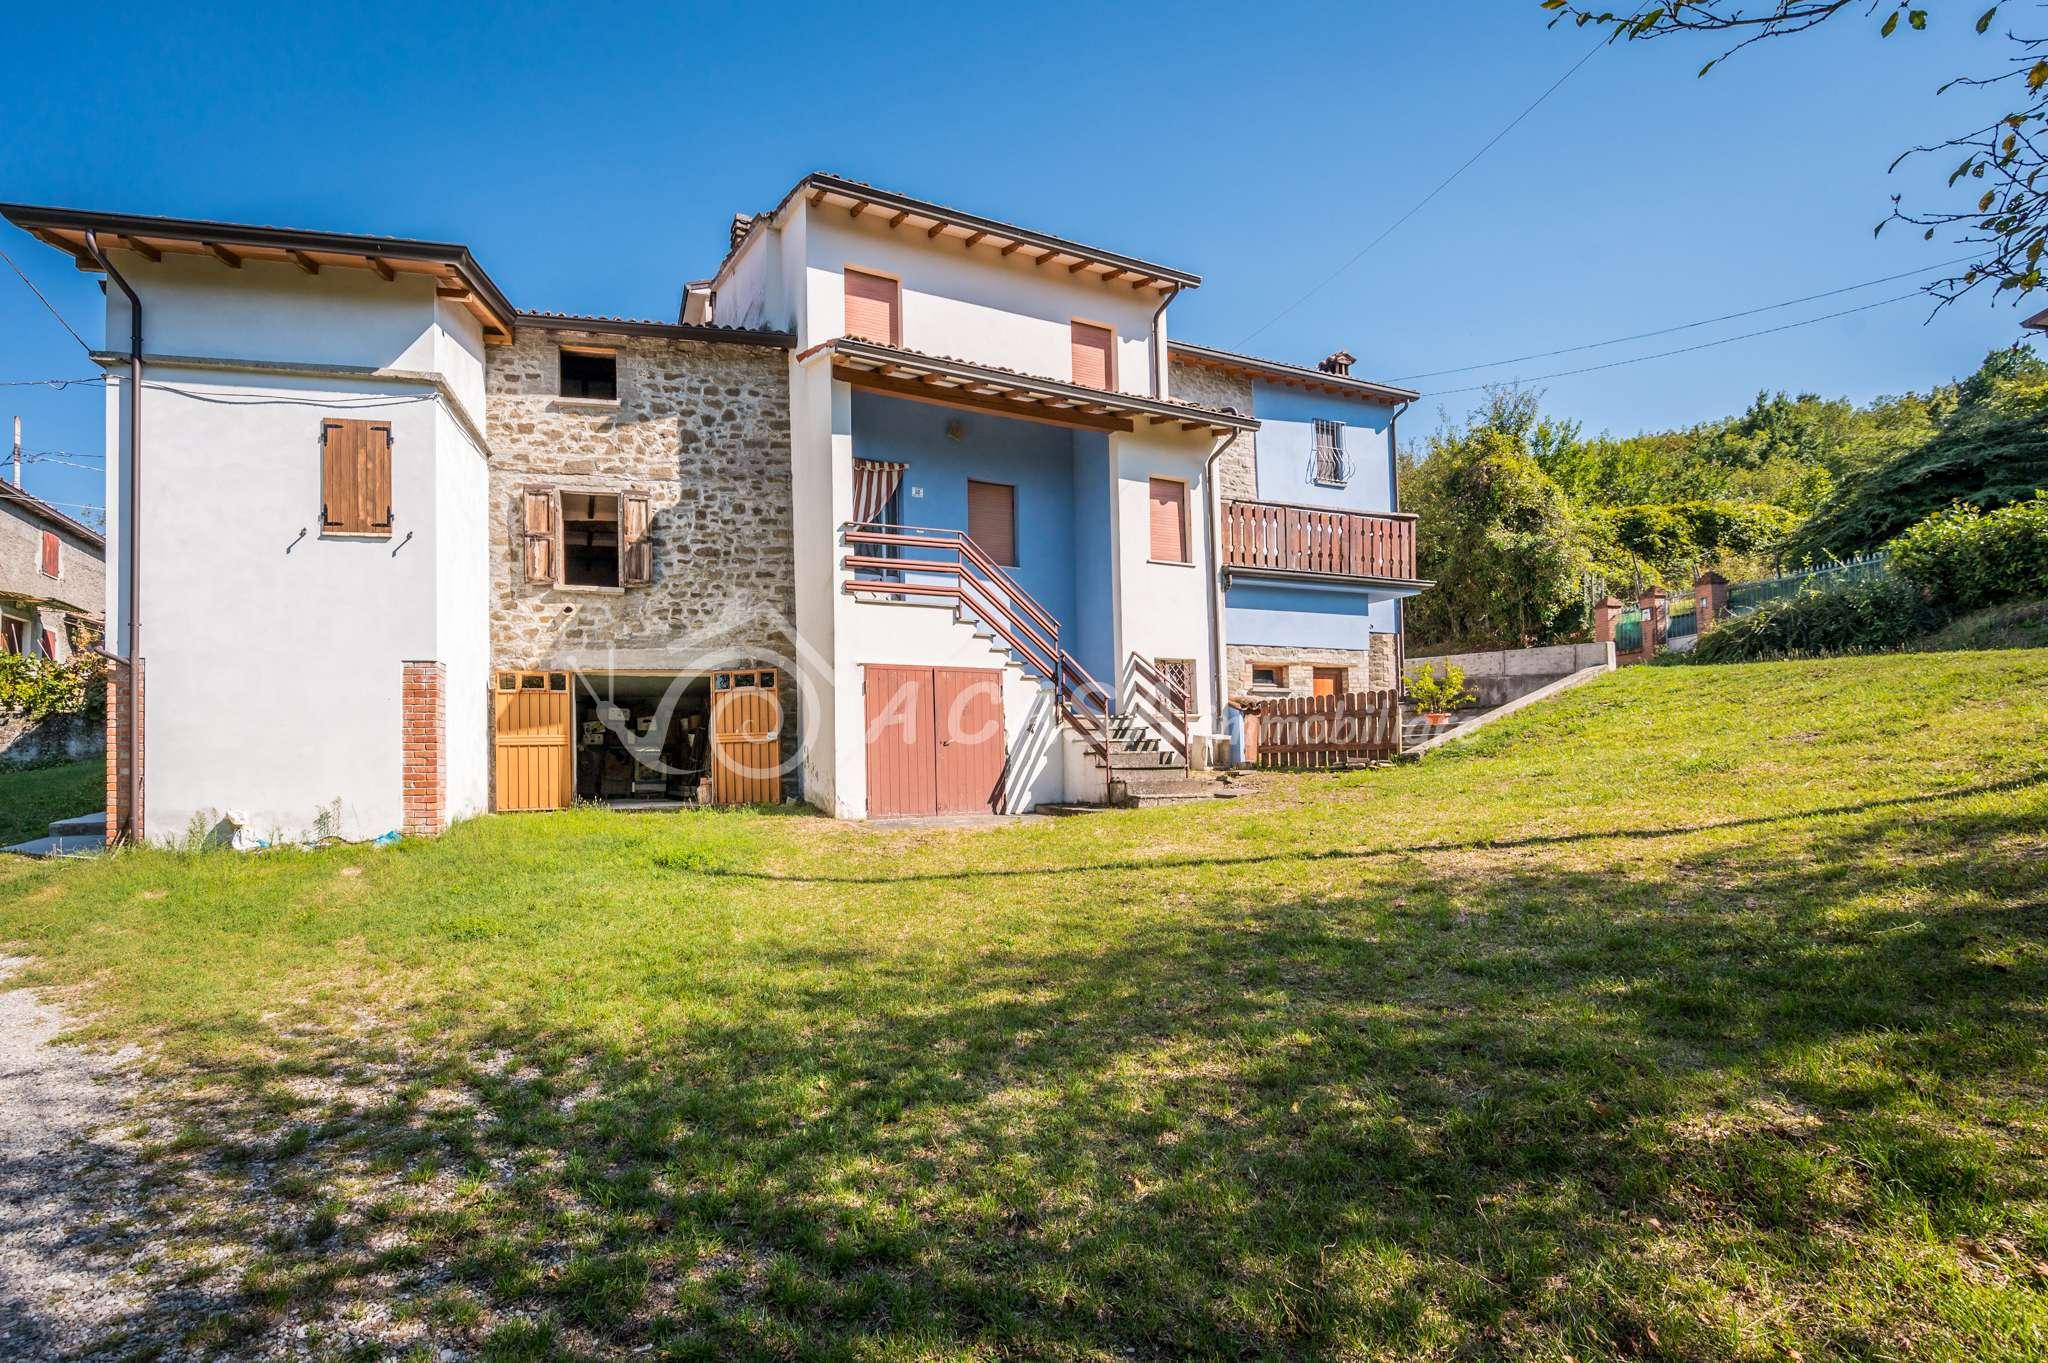 Soluzione Semindipendente in vendita a Varano de' Melegari, 3 locali, prezzo € 20.000 | CambioCasa.it